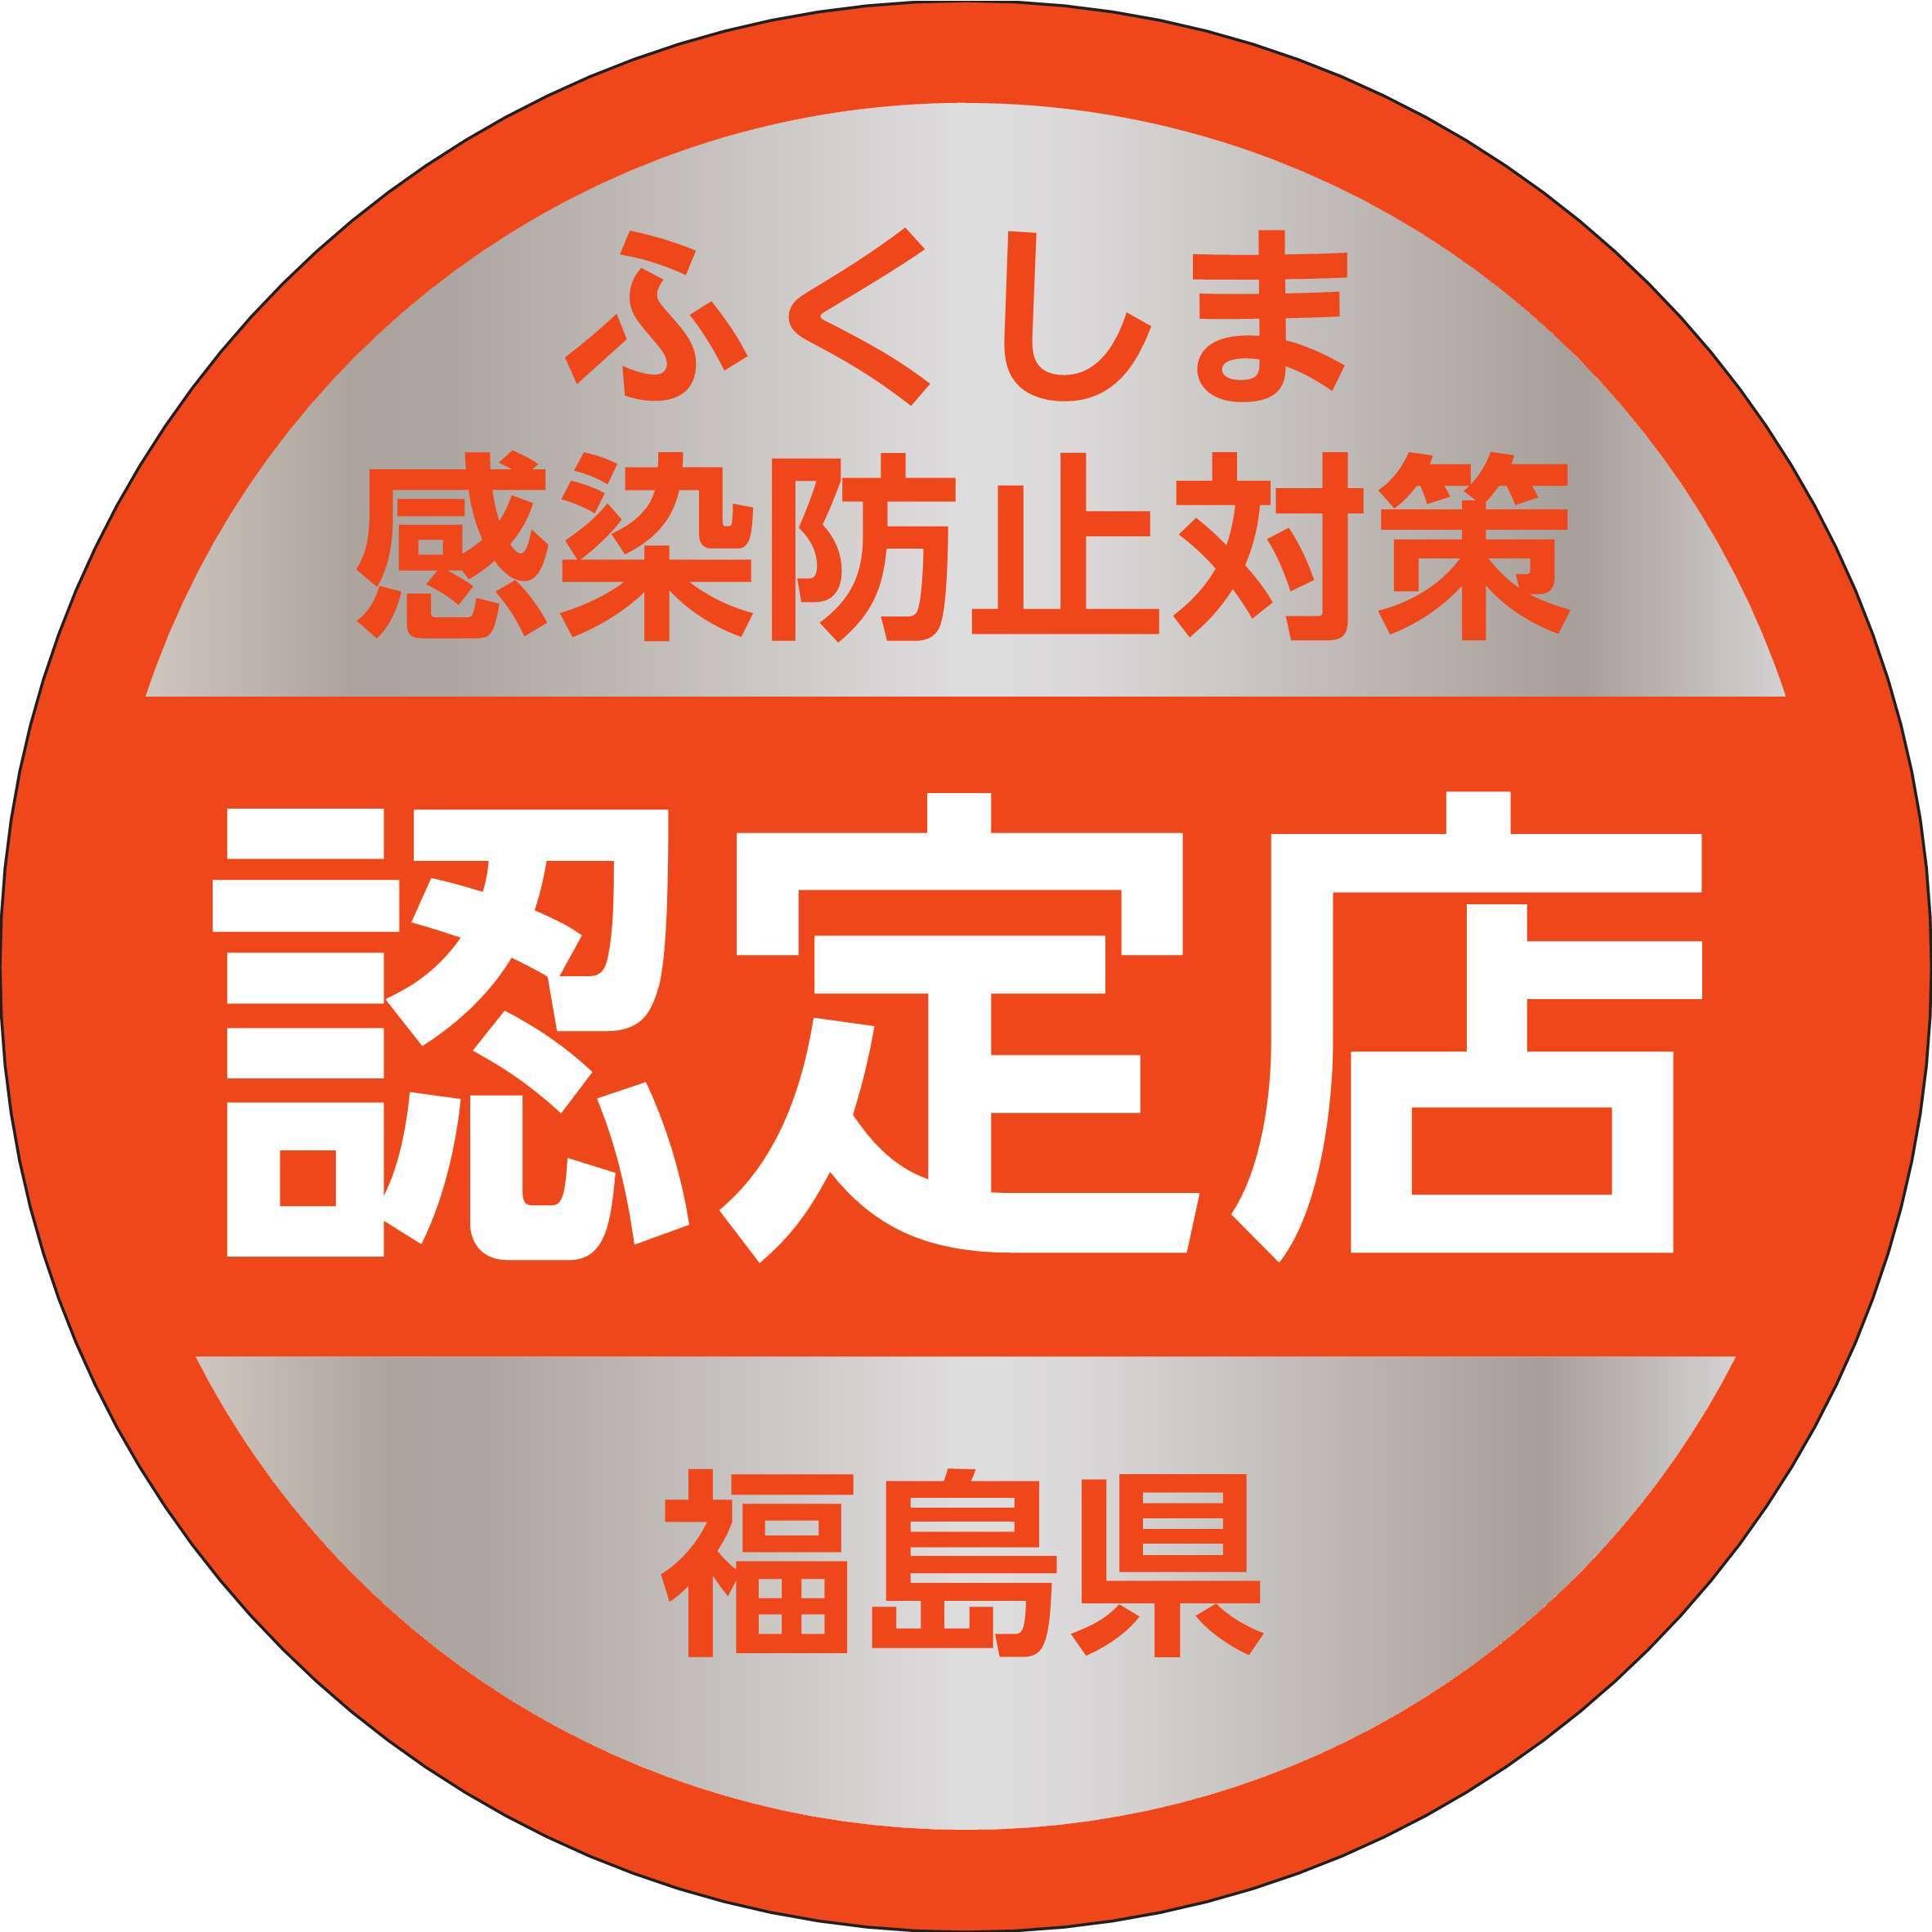 「ふくしま感染防止対策認定店」に登録されました!_b0063468_08212197.jpg